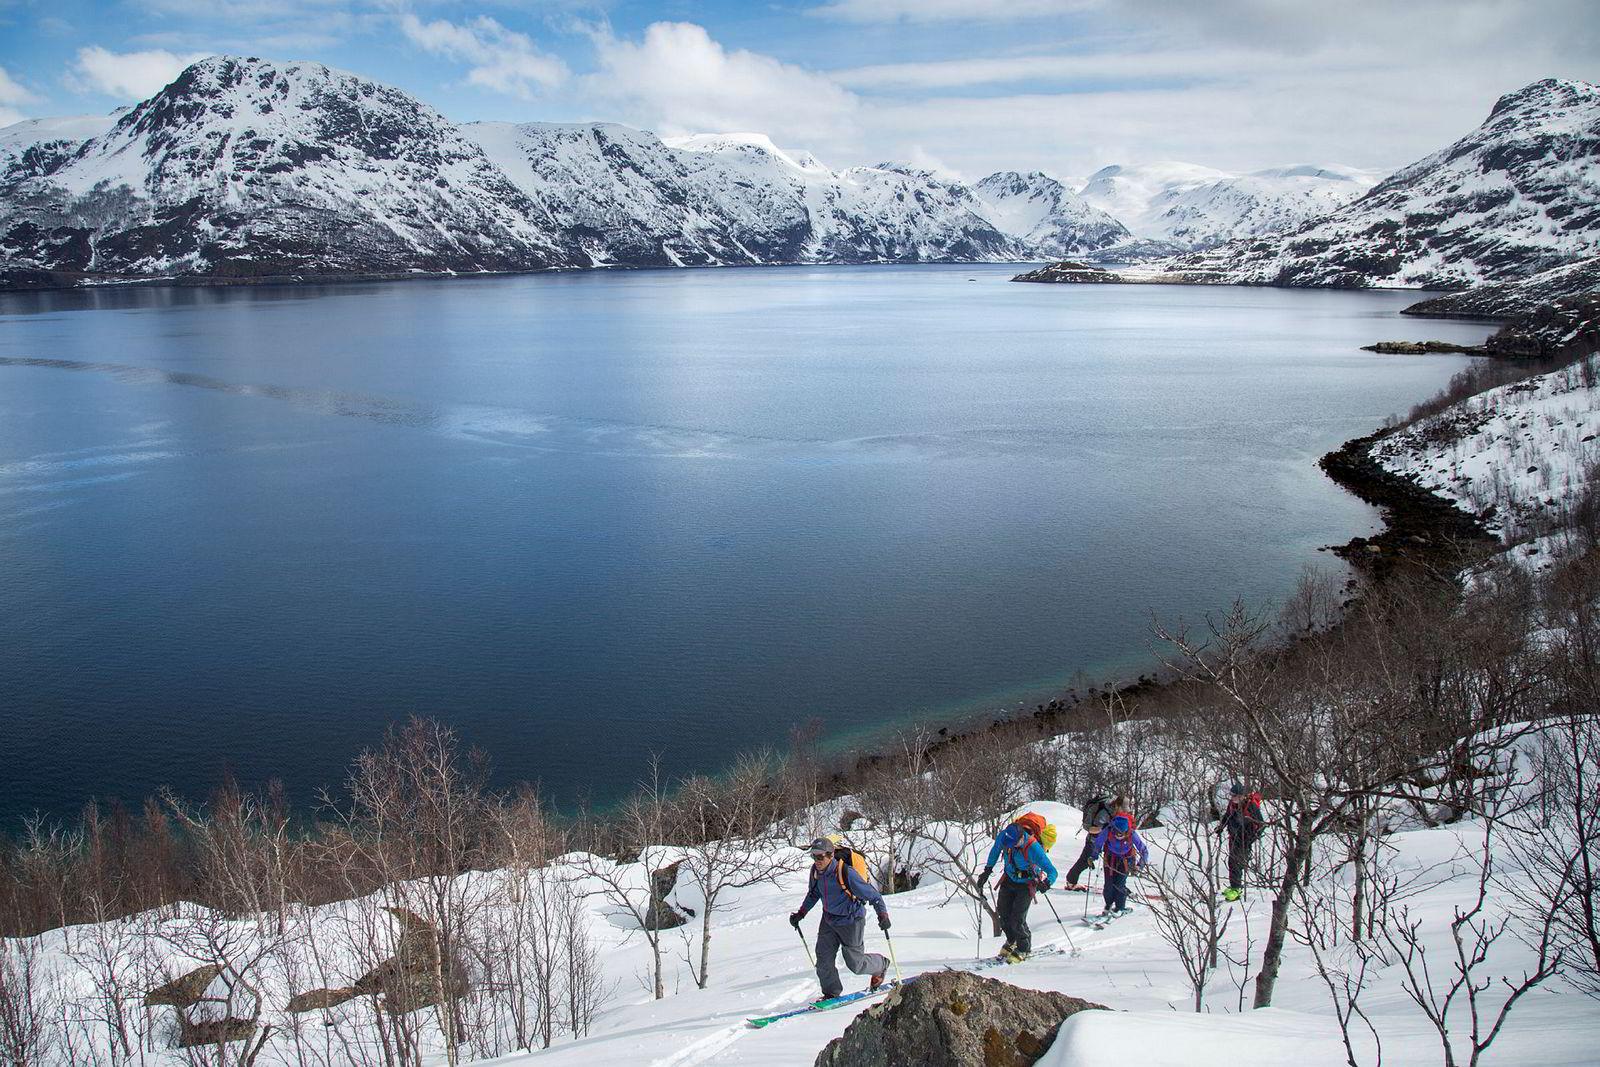 Fred Buttard (fra venstre), Tore Karlstrøm, Christoph Duckart, Danielle Travers og Erik Wallgren har startet skituren fra havkanten og opp til fjelltoppen.